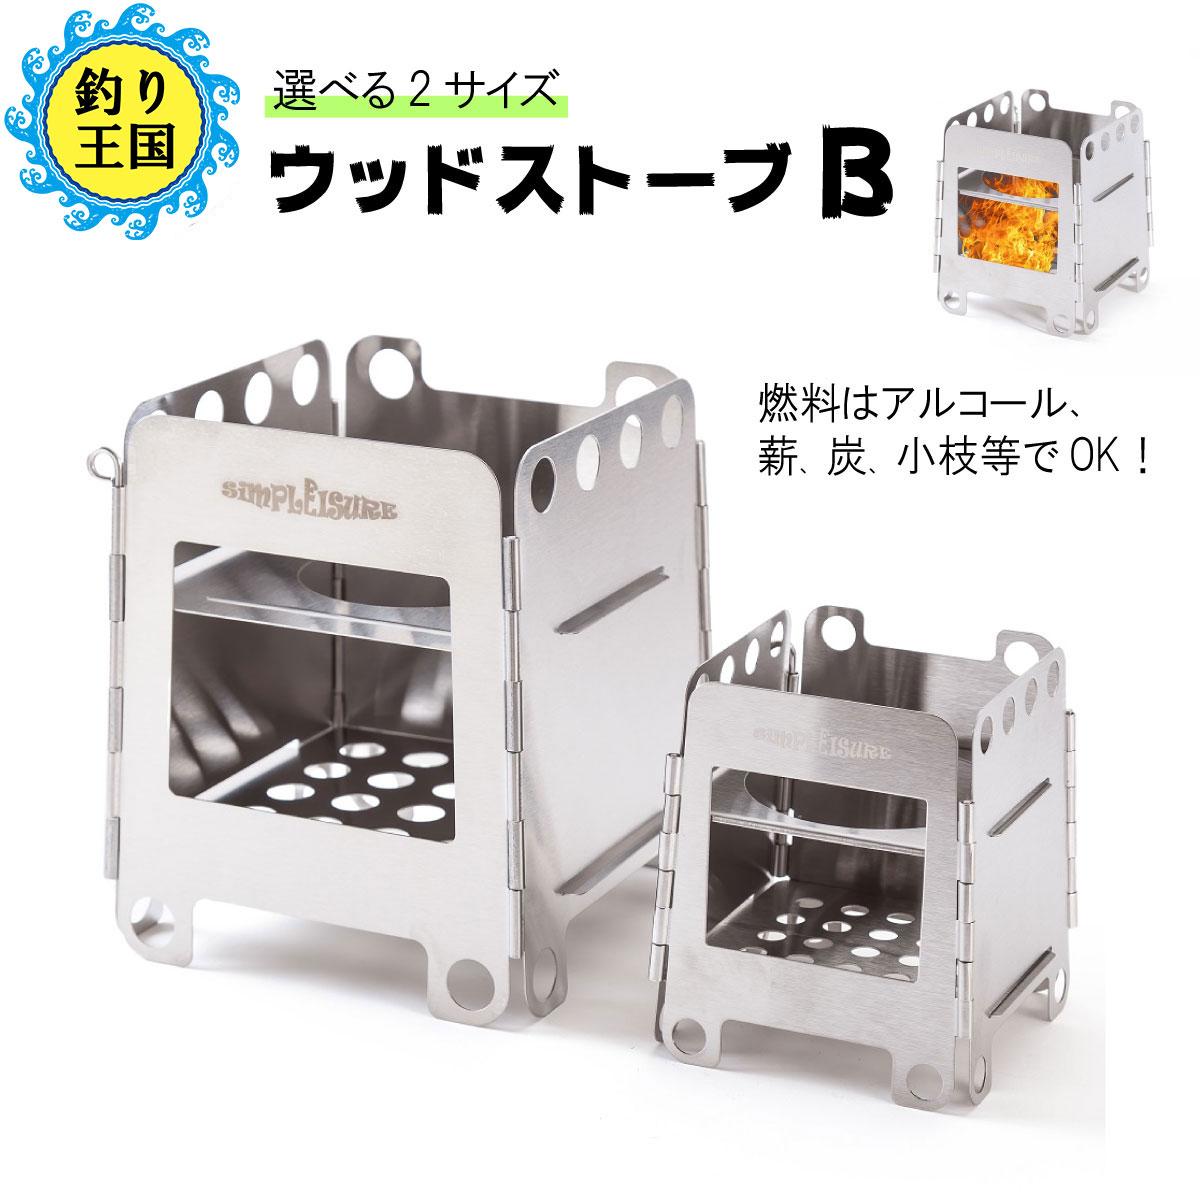 携帯に便利な軽量薪コンロ simPLEISURE ウッドストーブB 折りたたみ 日本産 アルコールストーブ 焚火台 SALE